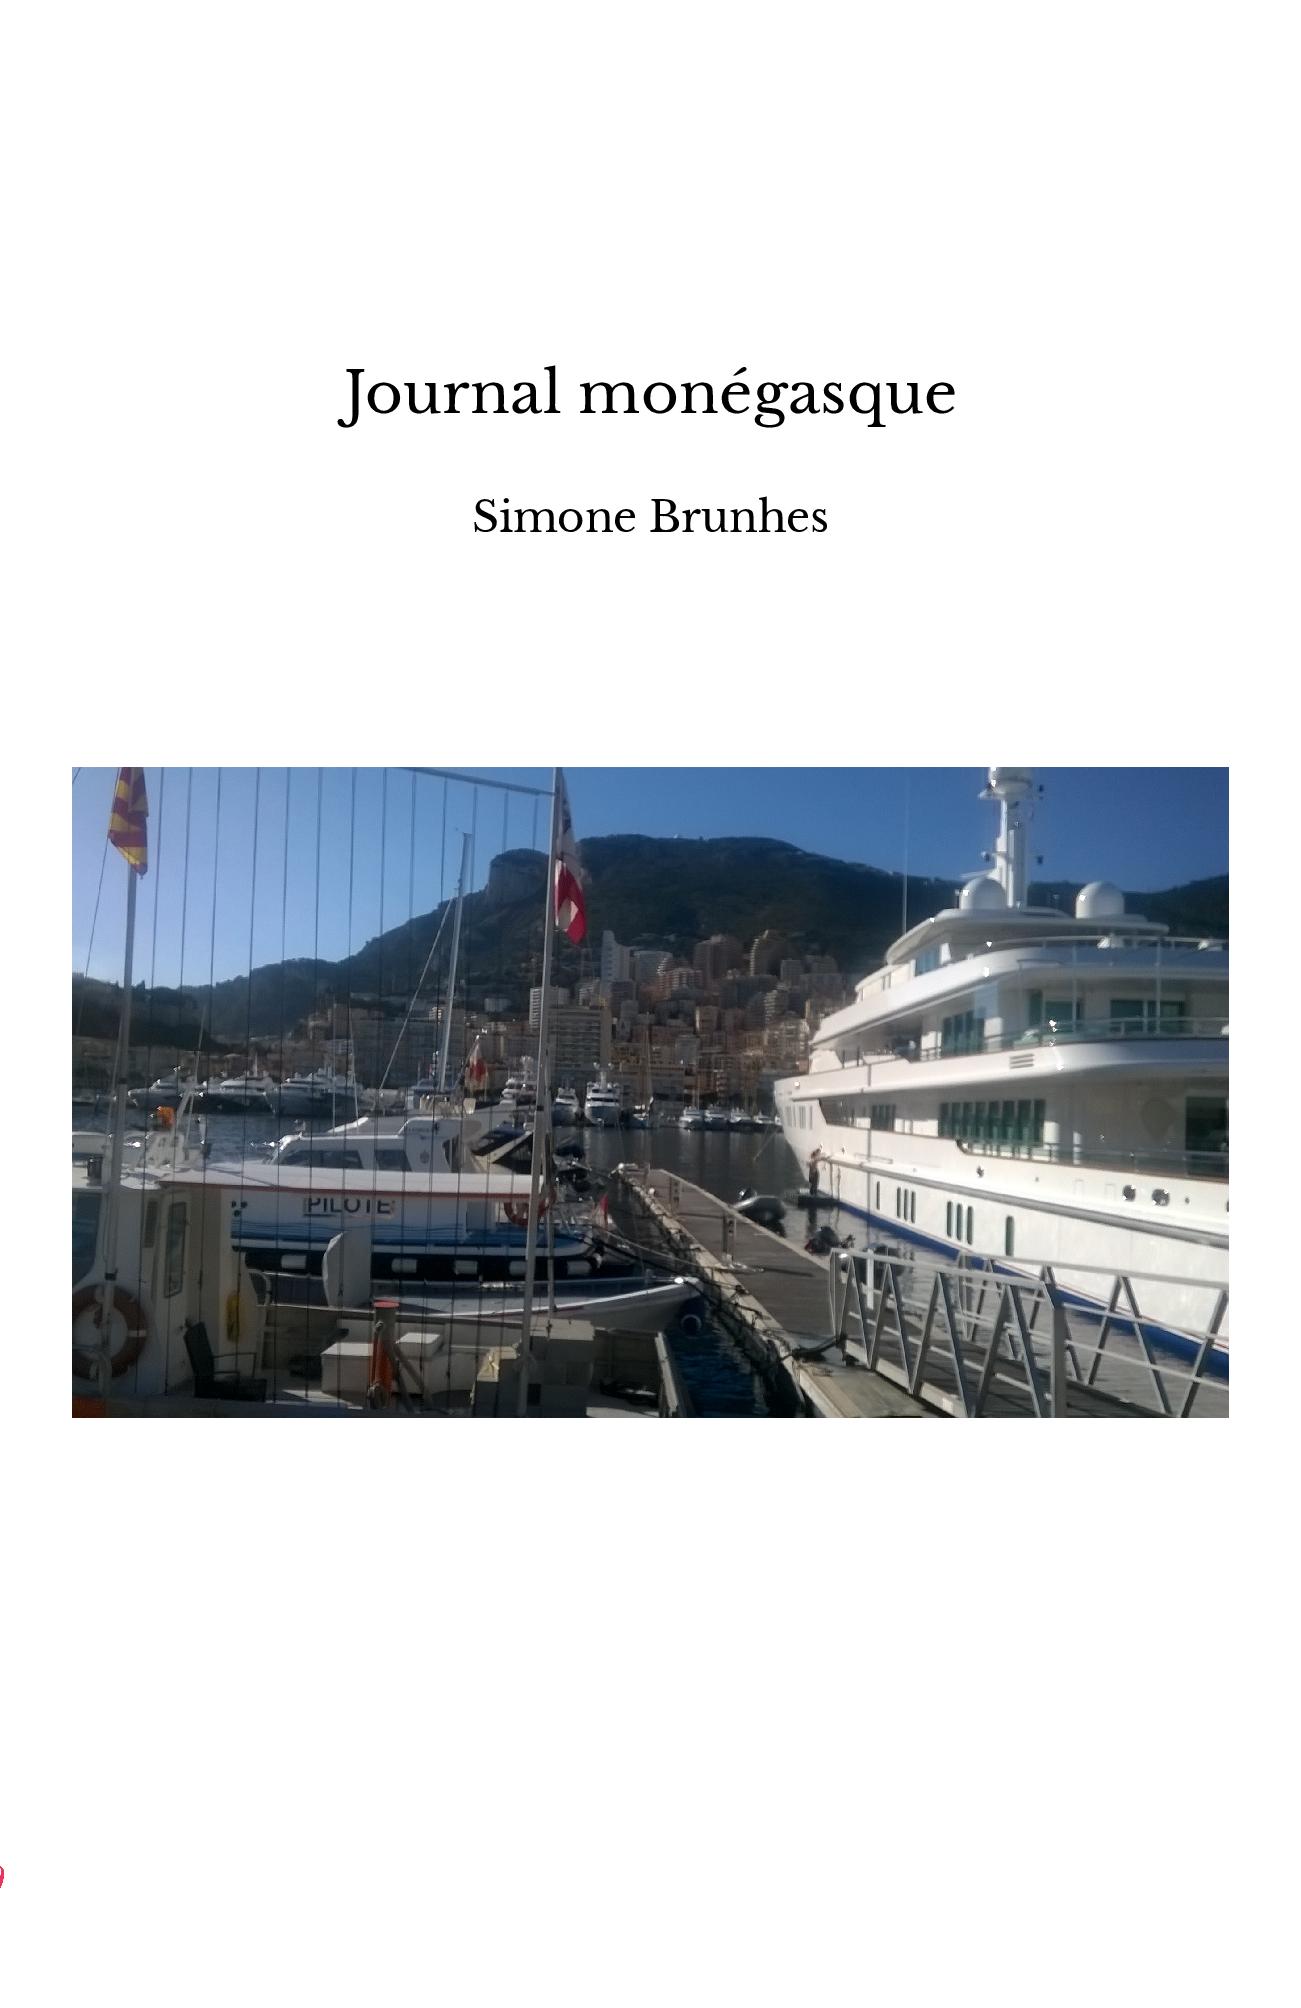 Journal monégasque